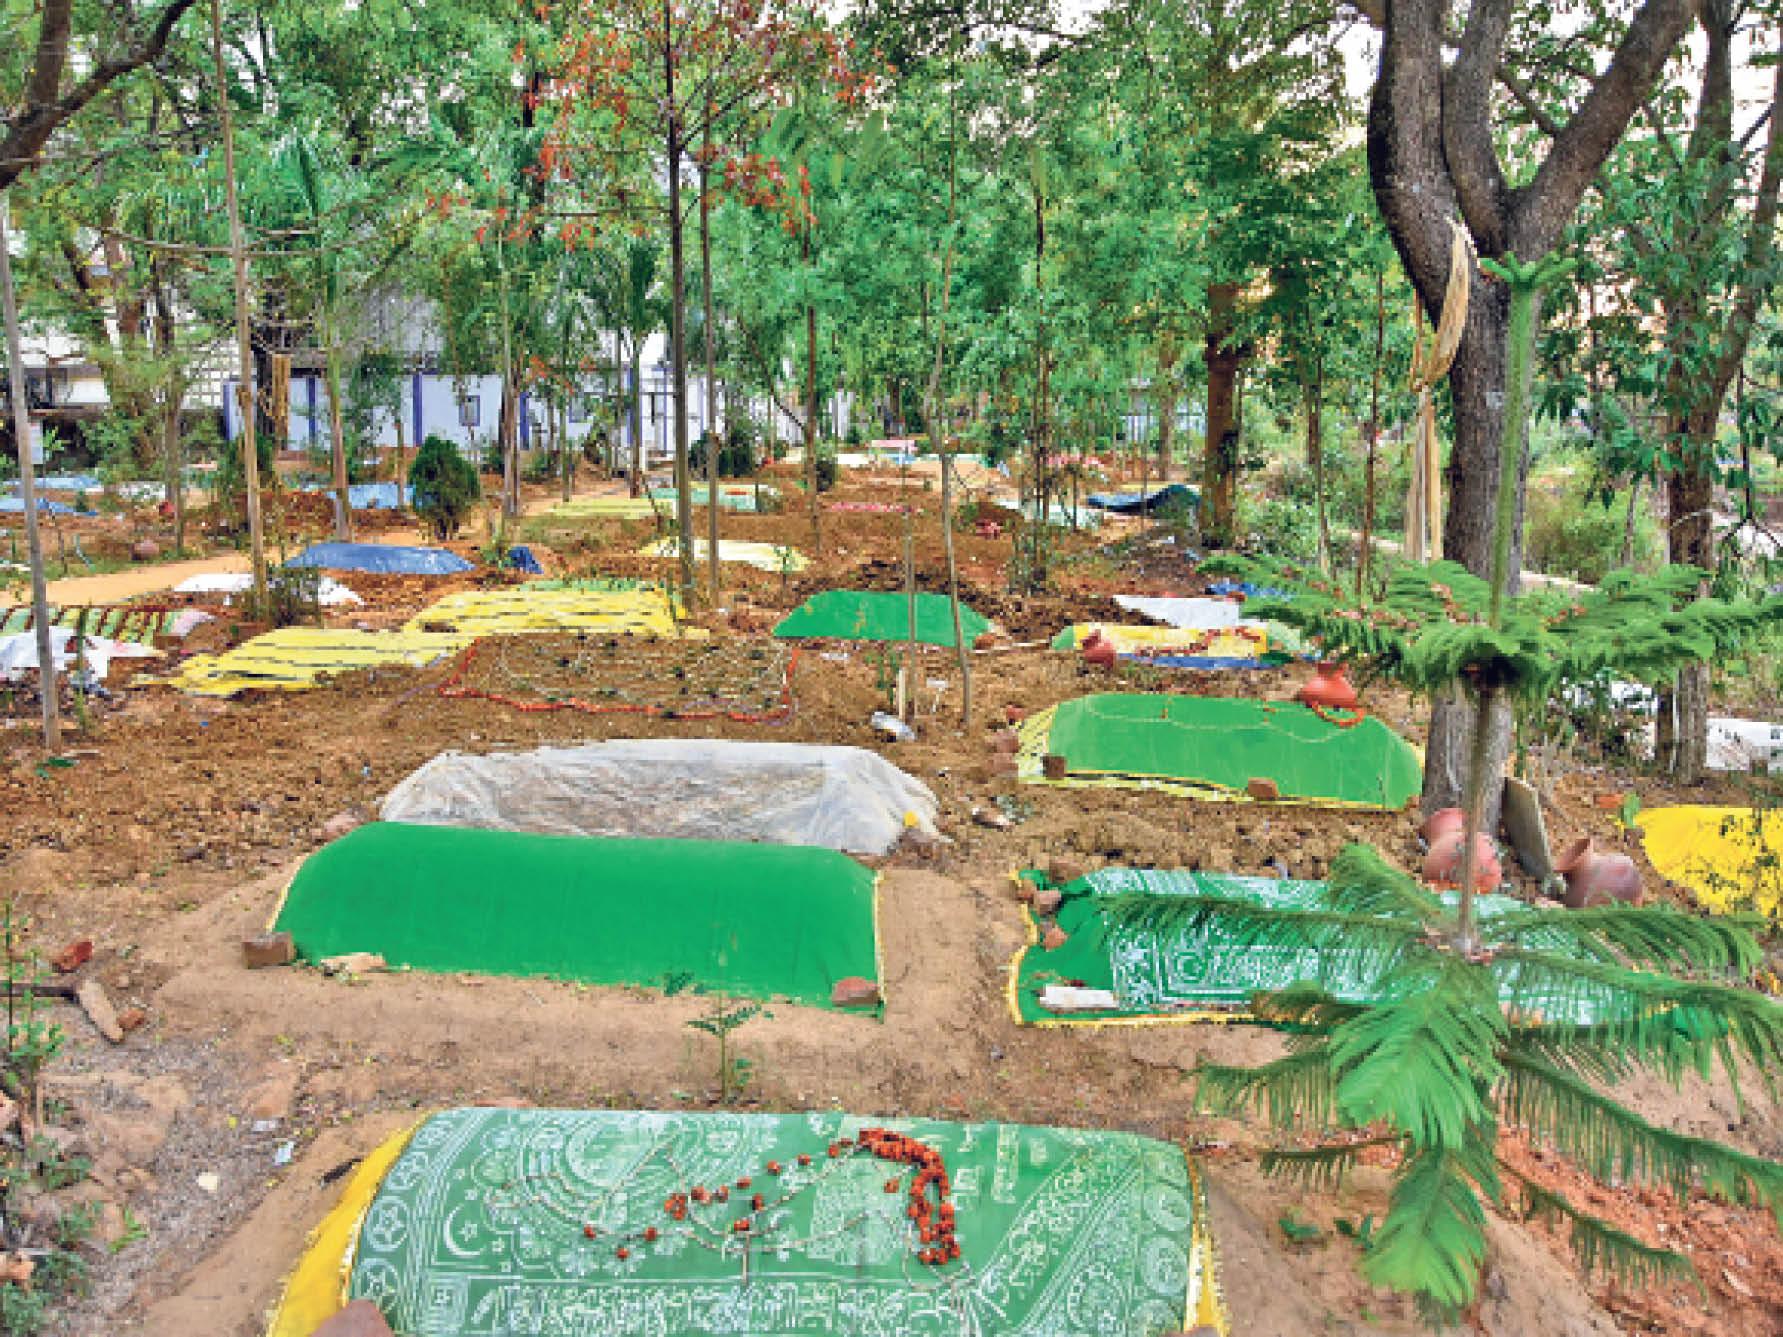 श्मशान में 109 शवों का हुआ अंतिम संस्कार, 63 थे कोरोना संक्रमित, कब्रिस्तानों में भी जगह नहीं|रांची,Ranchi - Dainik Bhaskar